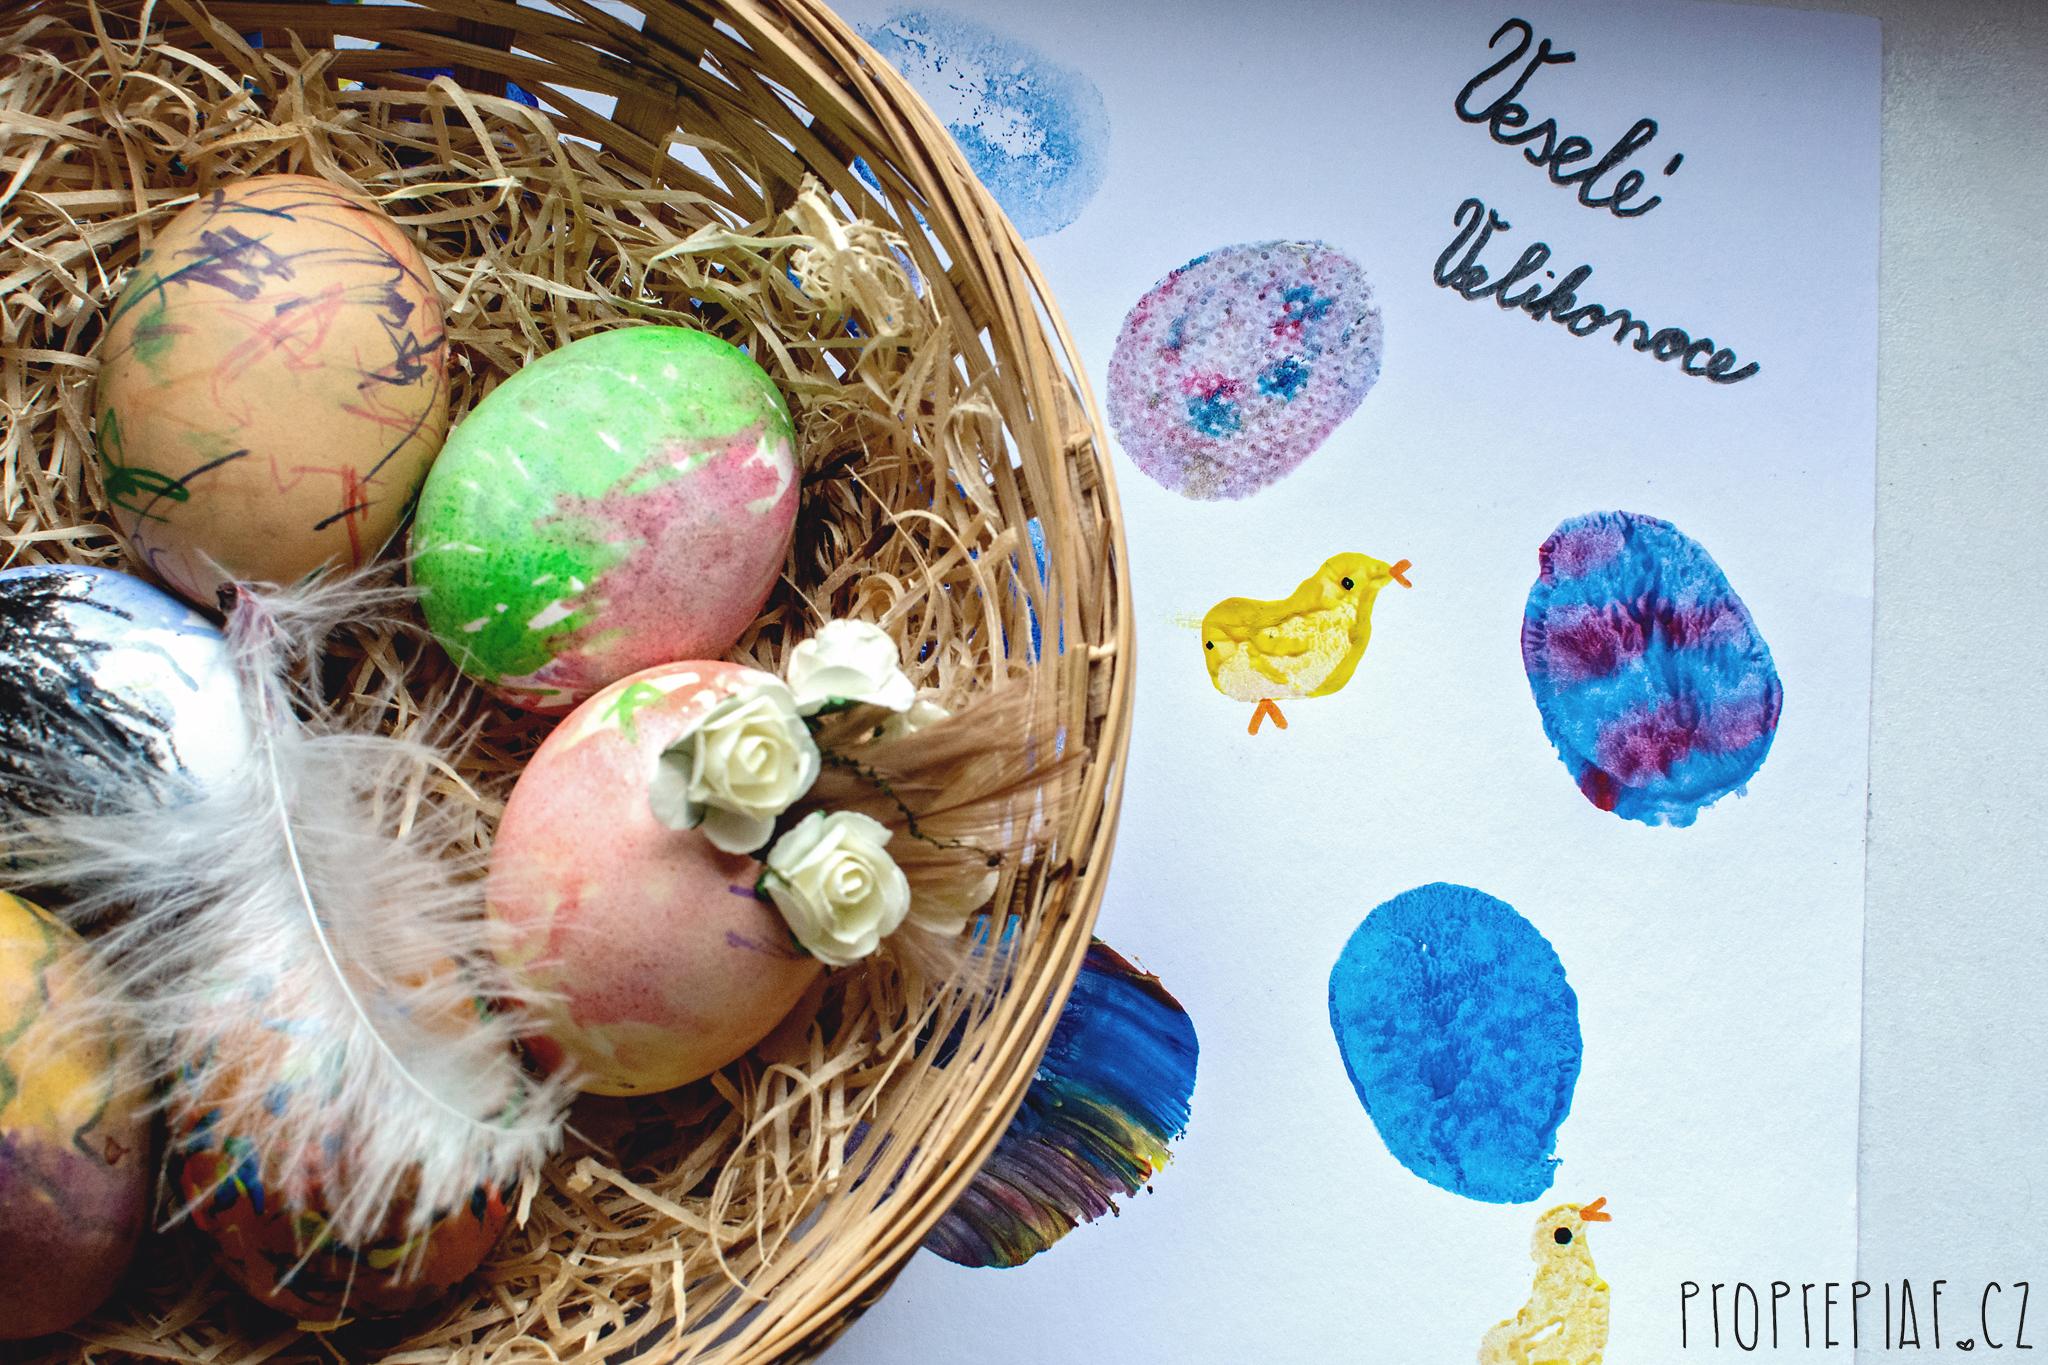 Veselé velikonoce aneb velikonoční přípravy